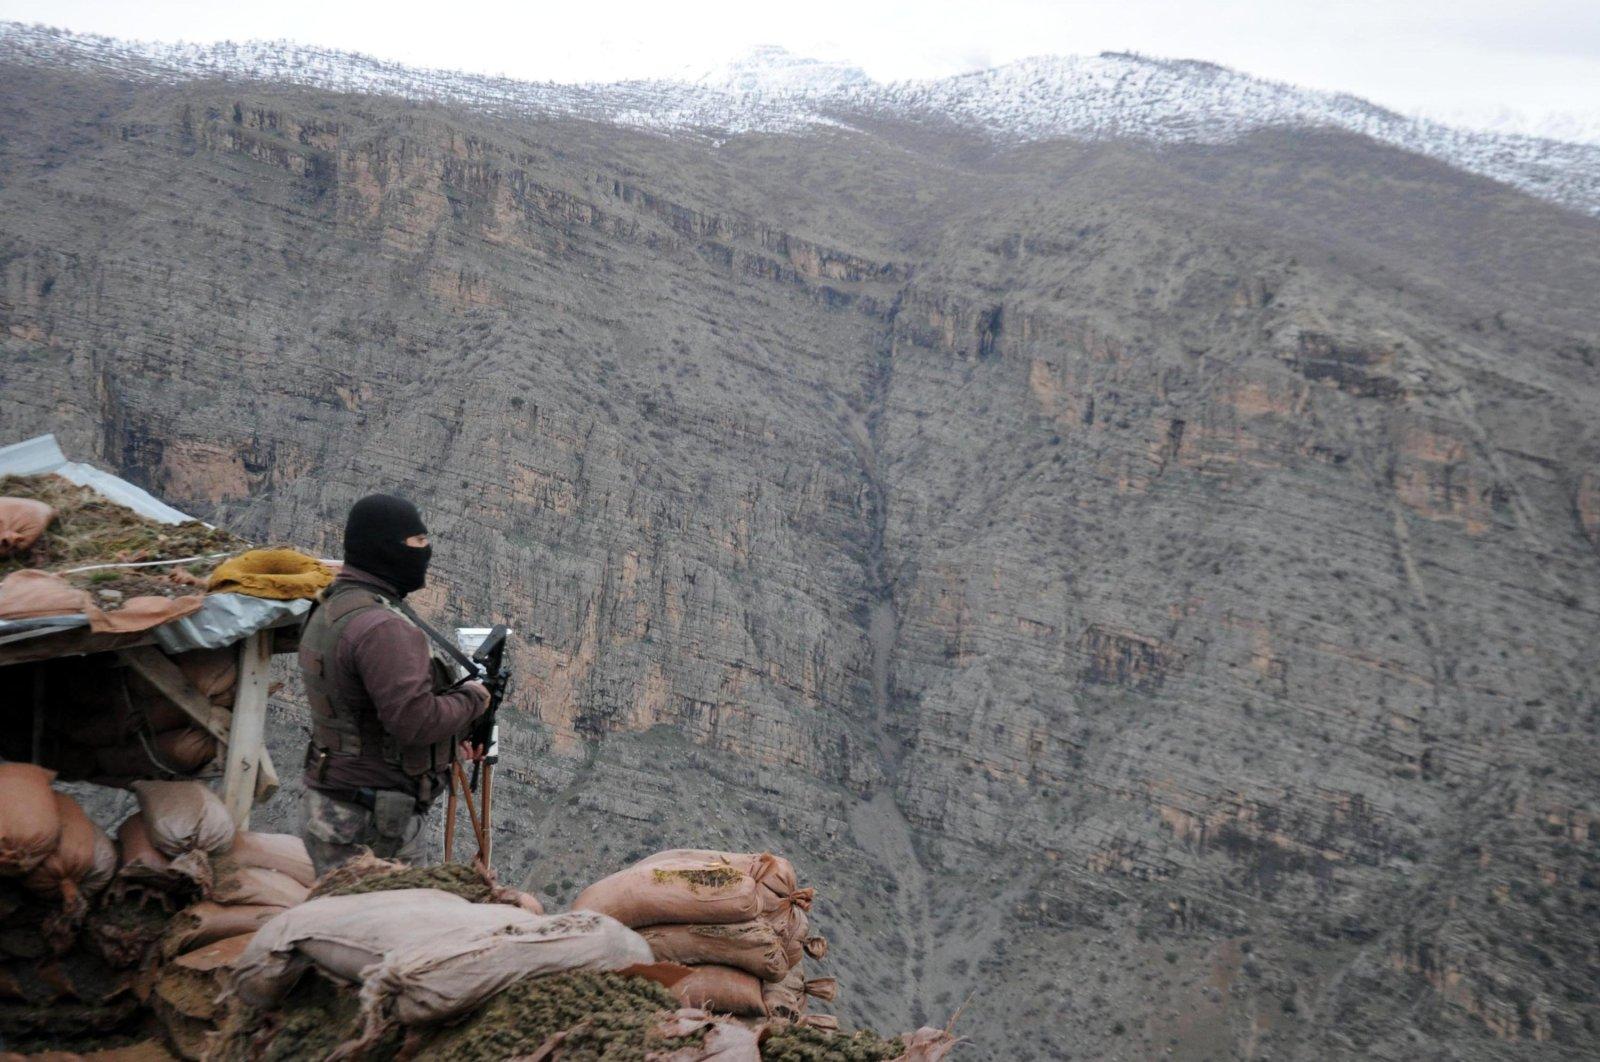 A Turkish soldier stands on guard near the Iraqi border in the mountainous region of Hakkari, southeastern Turkey. (AA Photo)